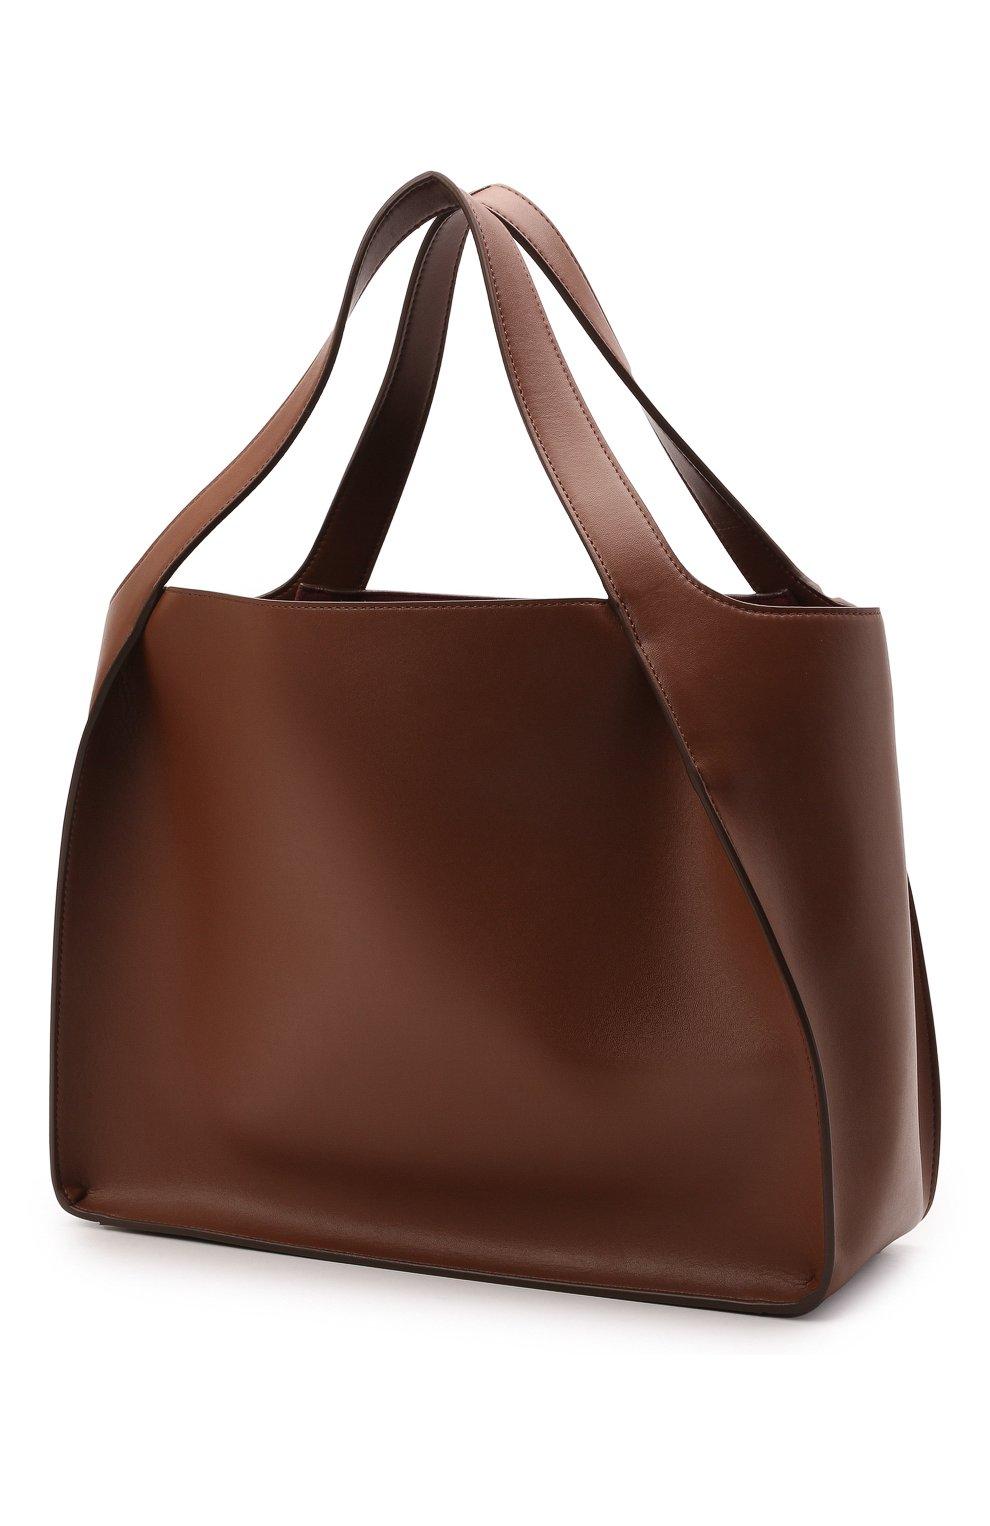 Женский сумка stella logo STELLA MCCARTNEY коричневого цвета, арт. 502793/W8542 | Фото 3